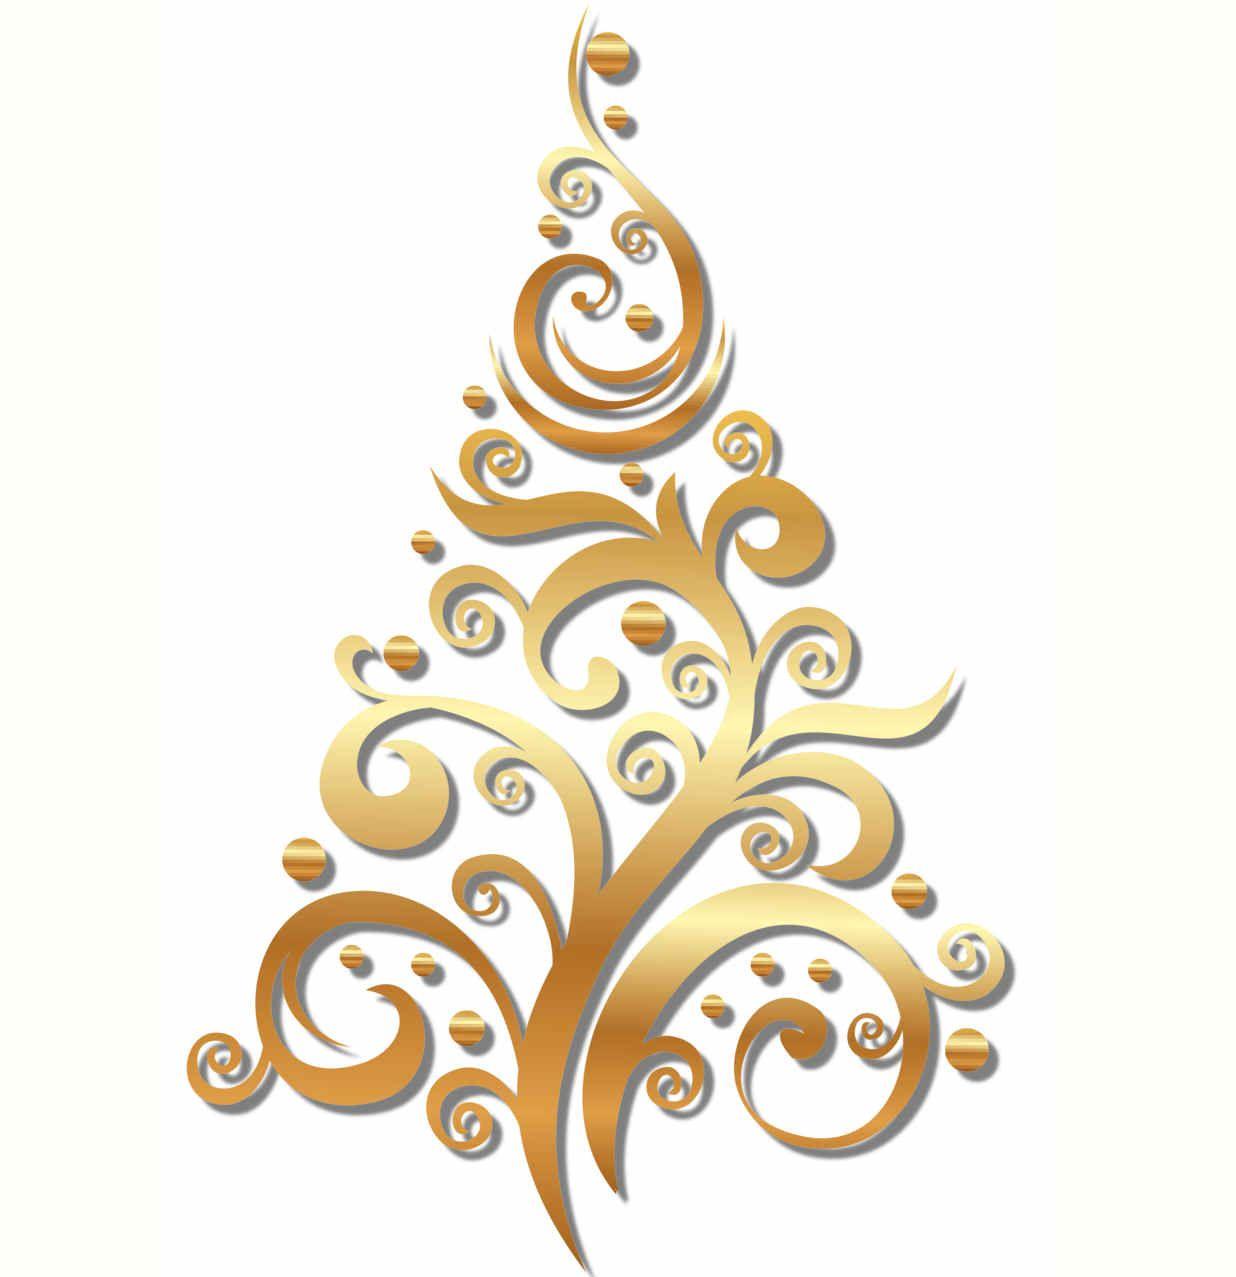 Árboles de Navidad tamaño grande para imprimir   stencils ...